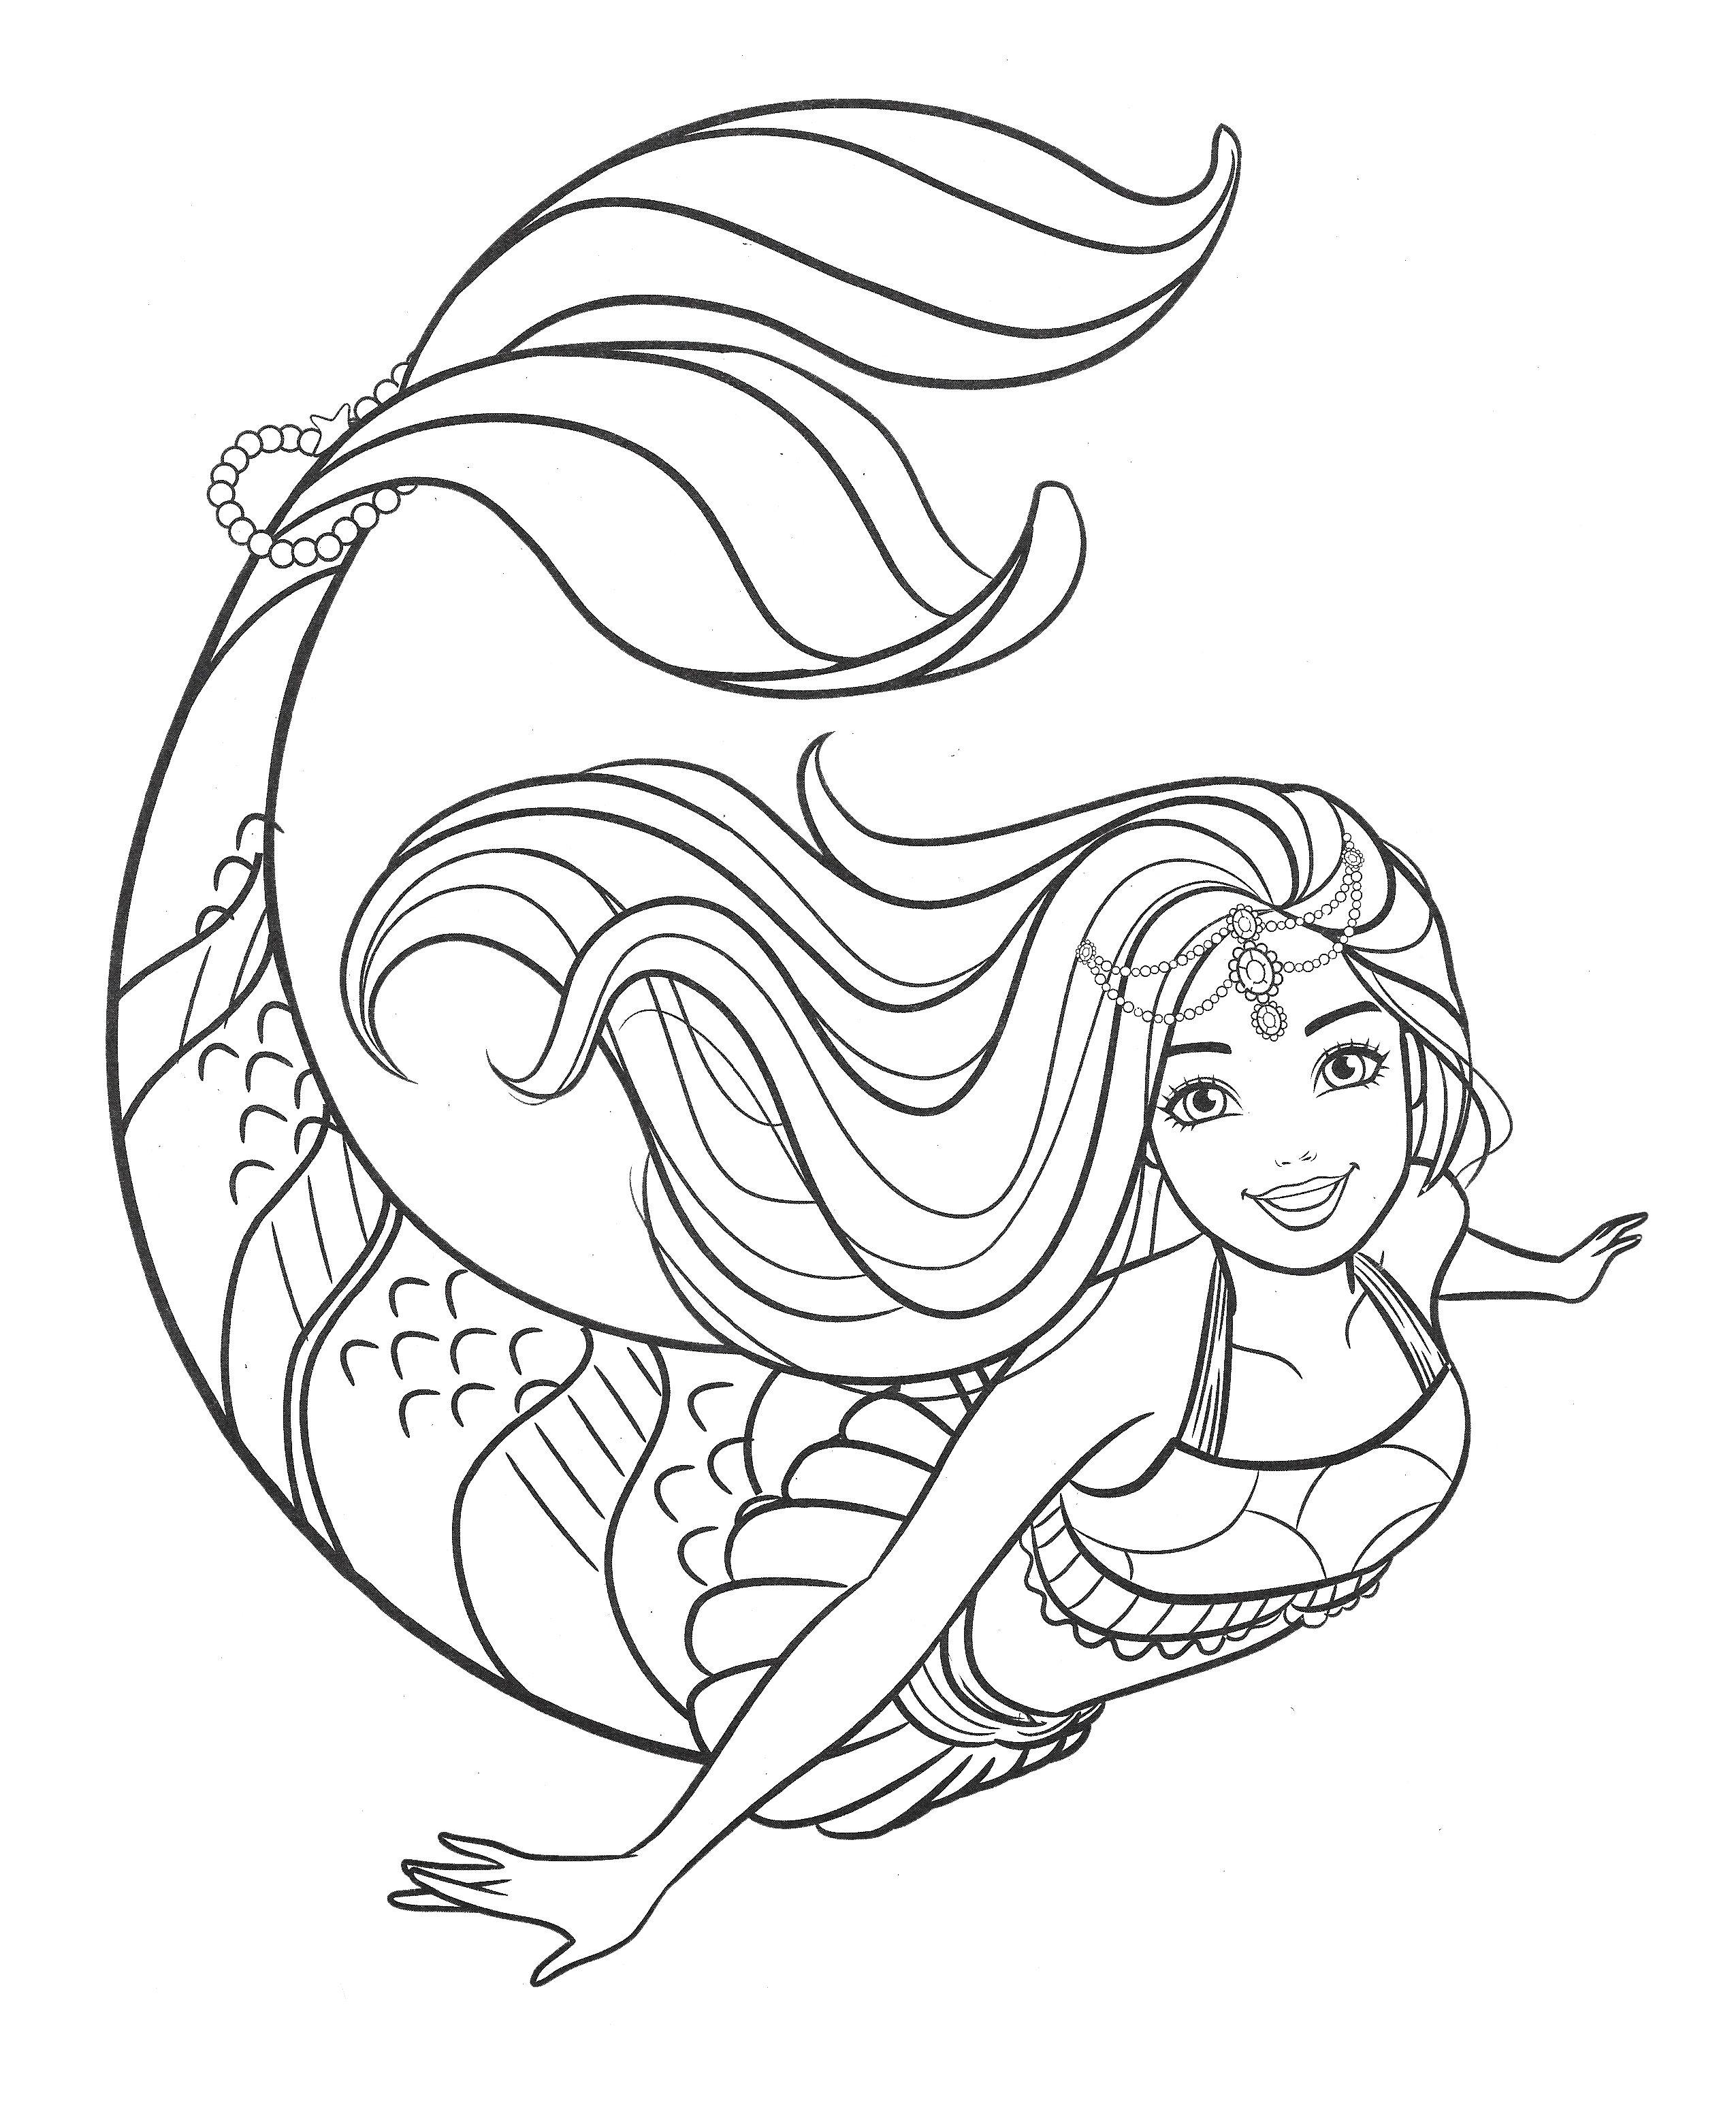 Pin By Yuki On Barbie In 2020 Mermaid Coloring Mermaid Coloring Pages Barbie Coloring